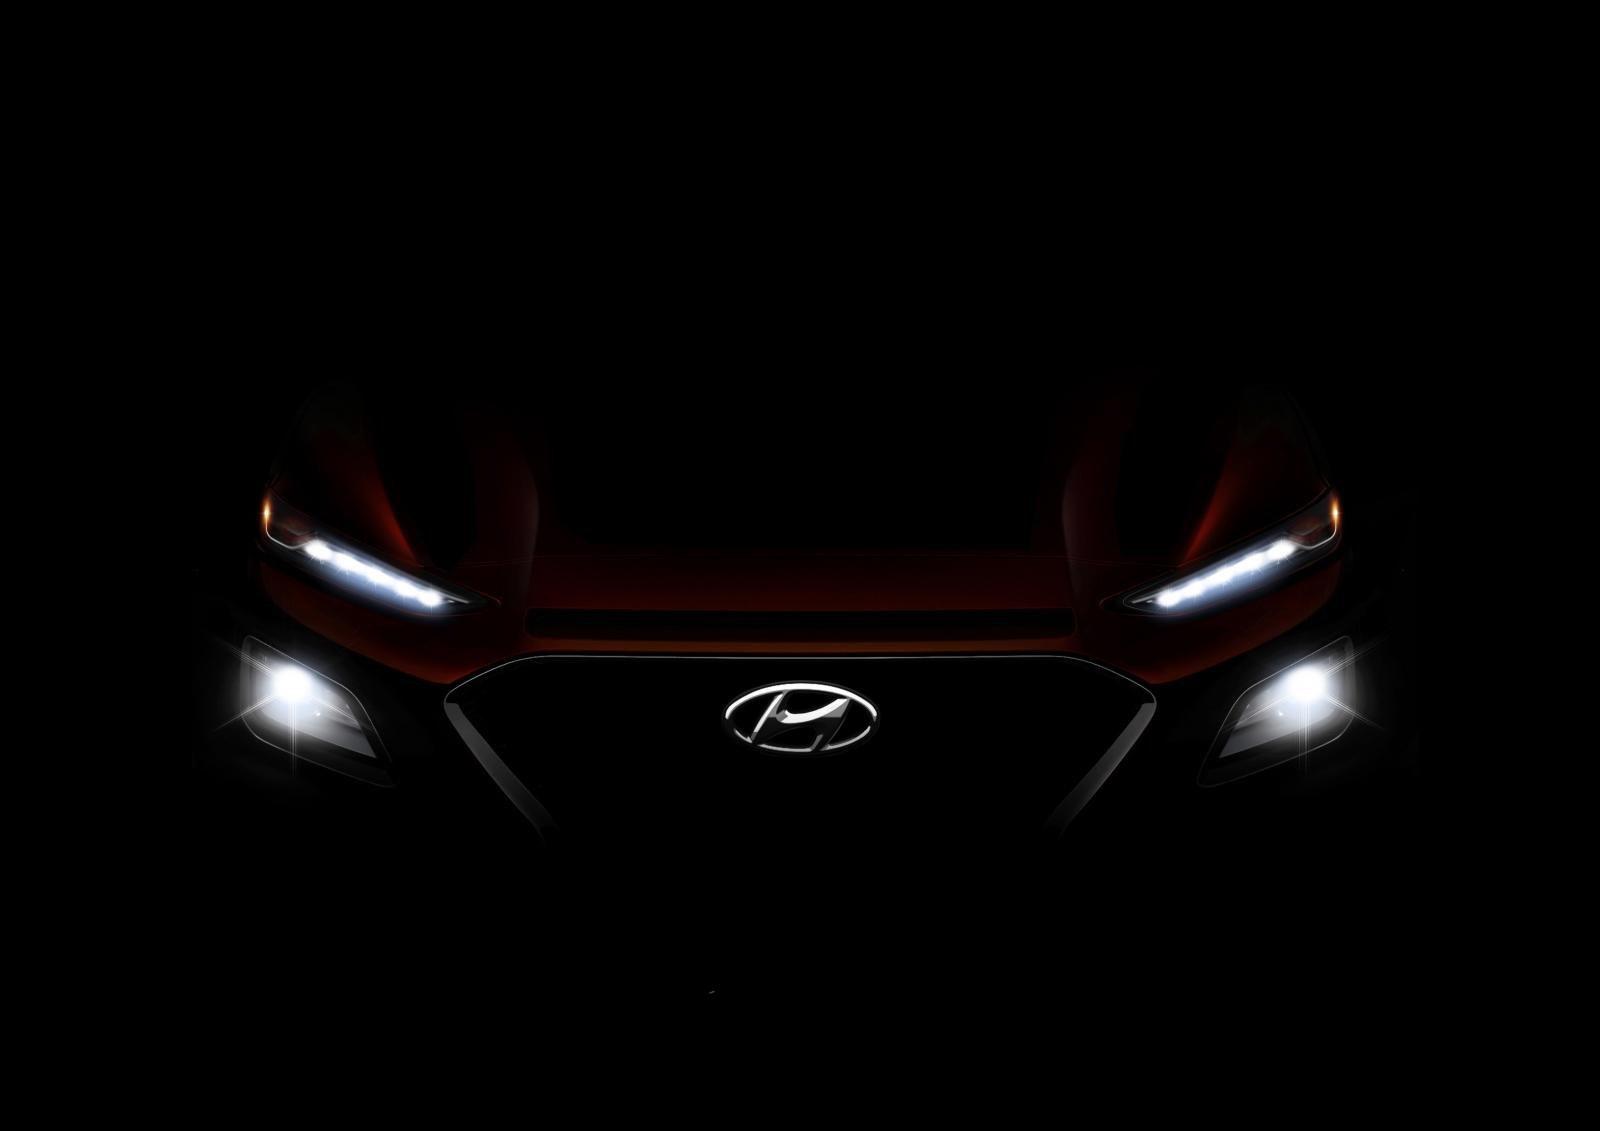 Компания Hyundai приоткрыла внешность нового компактного кроссовера